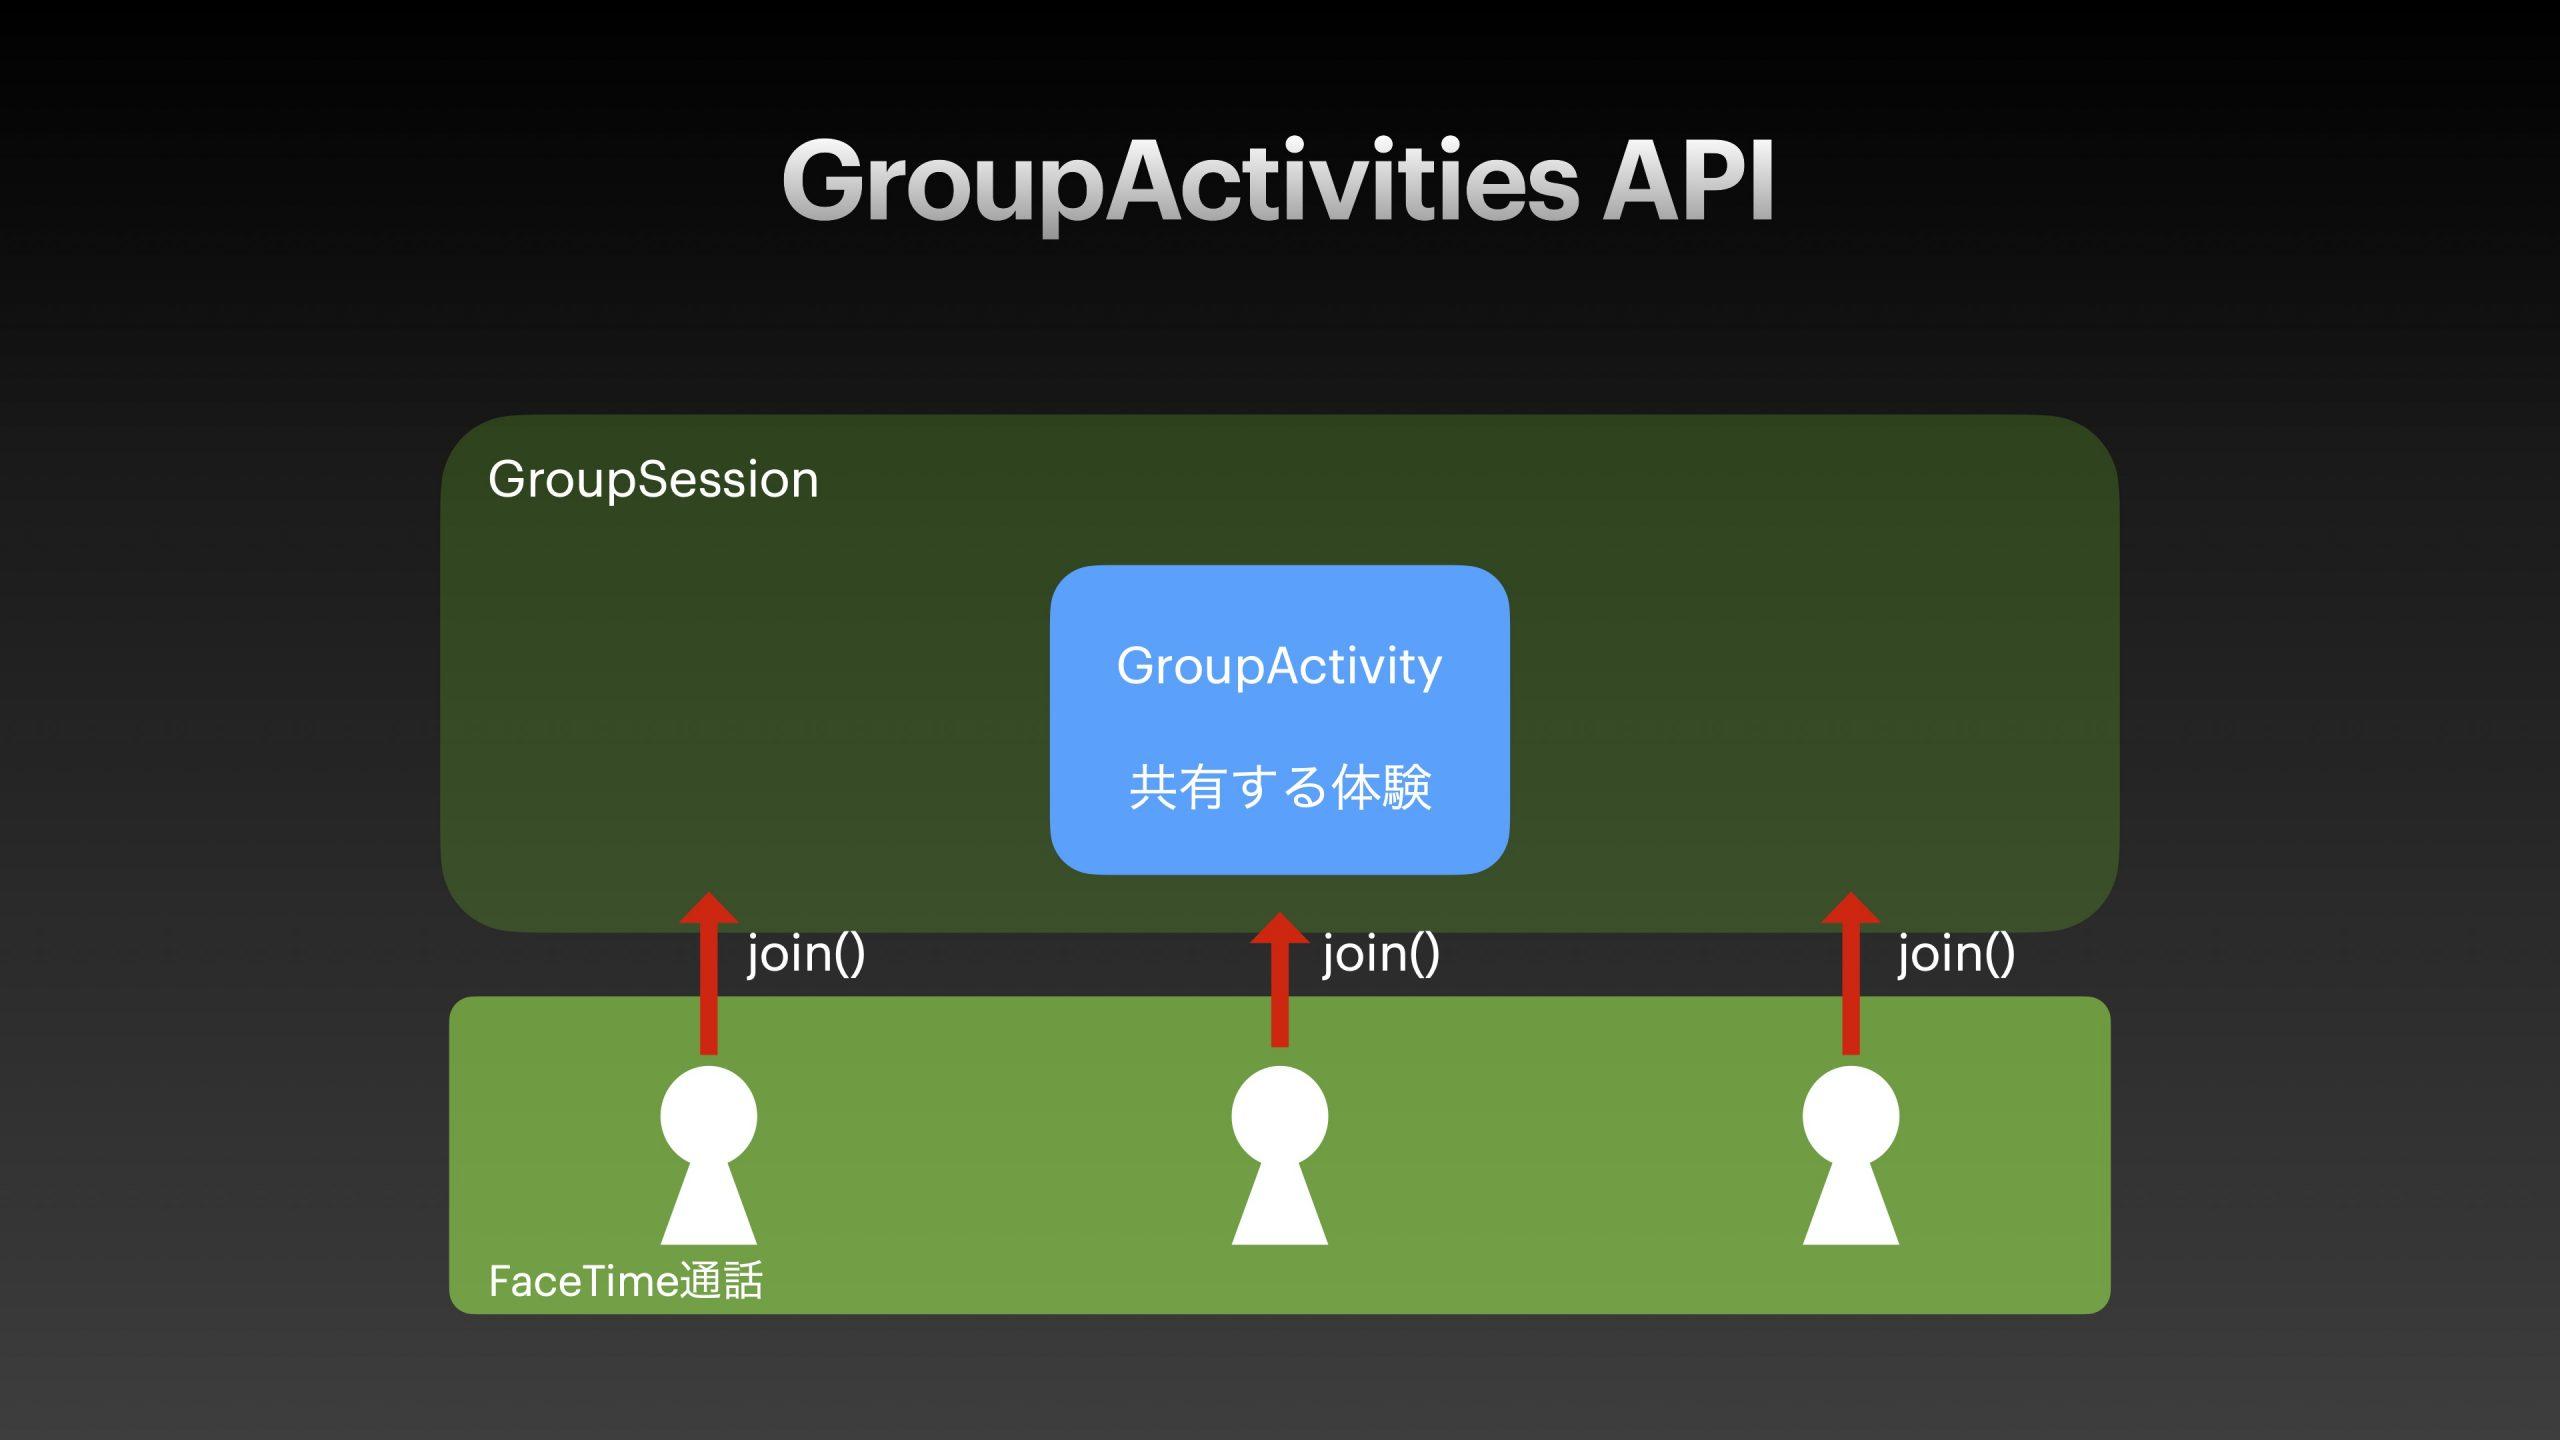 Group_Activities_API